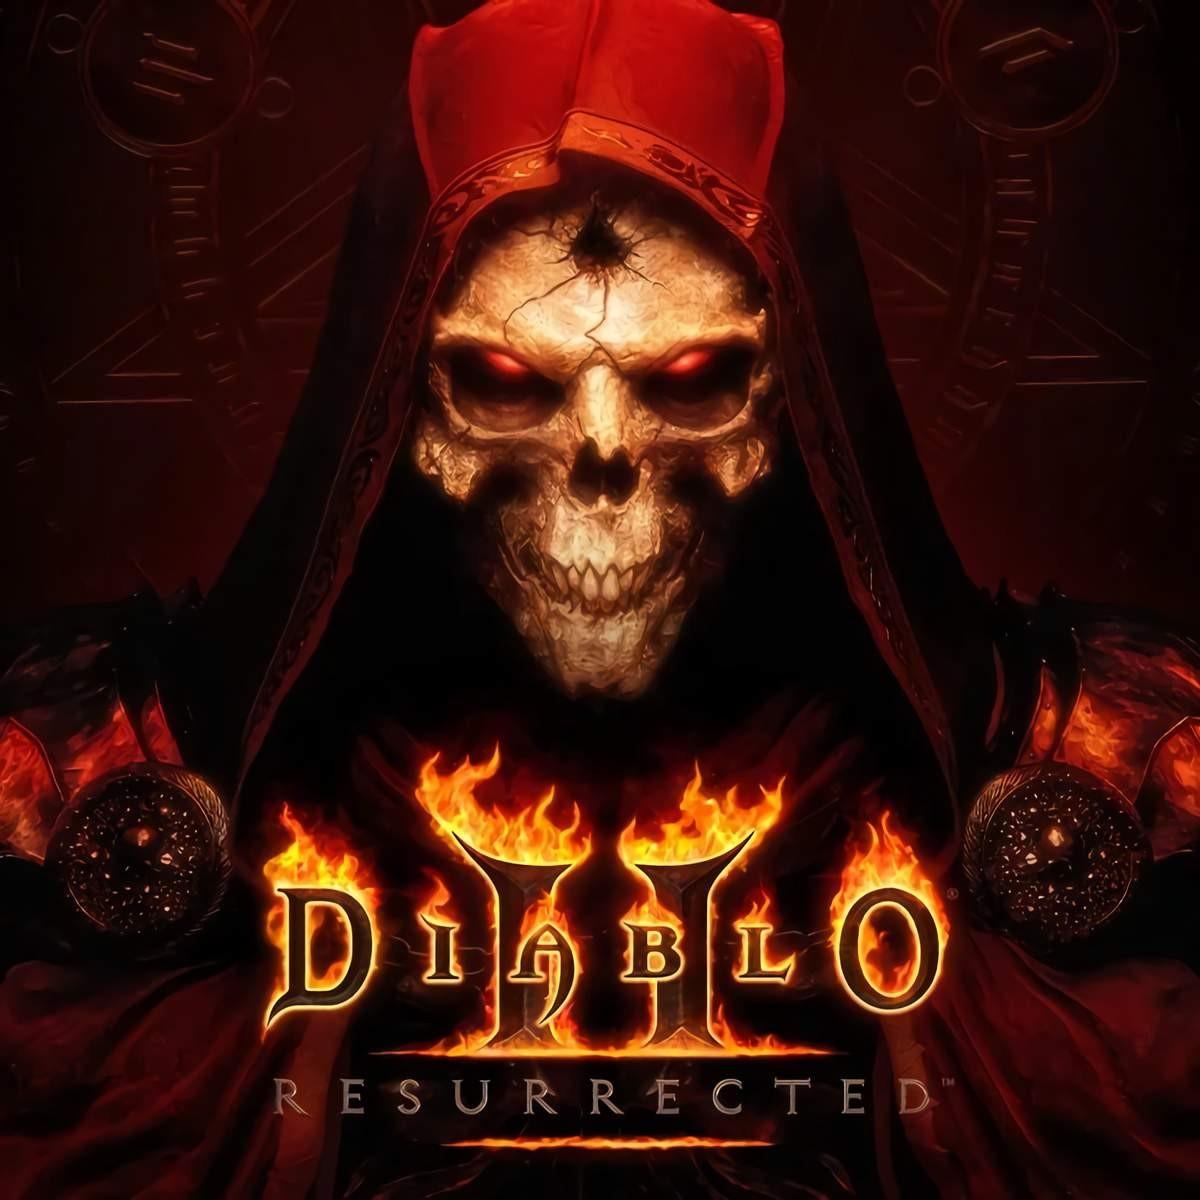 Прокат Diablo II Resurrected | Diablo 2 Resurrected от 7 дней PS4/PS5